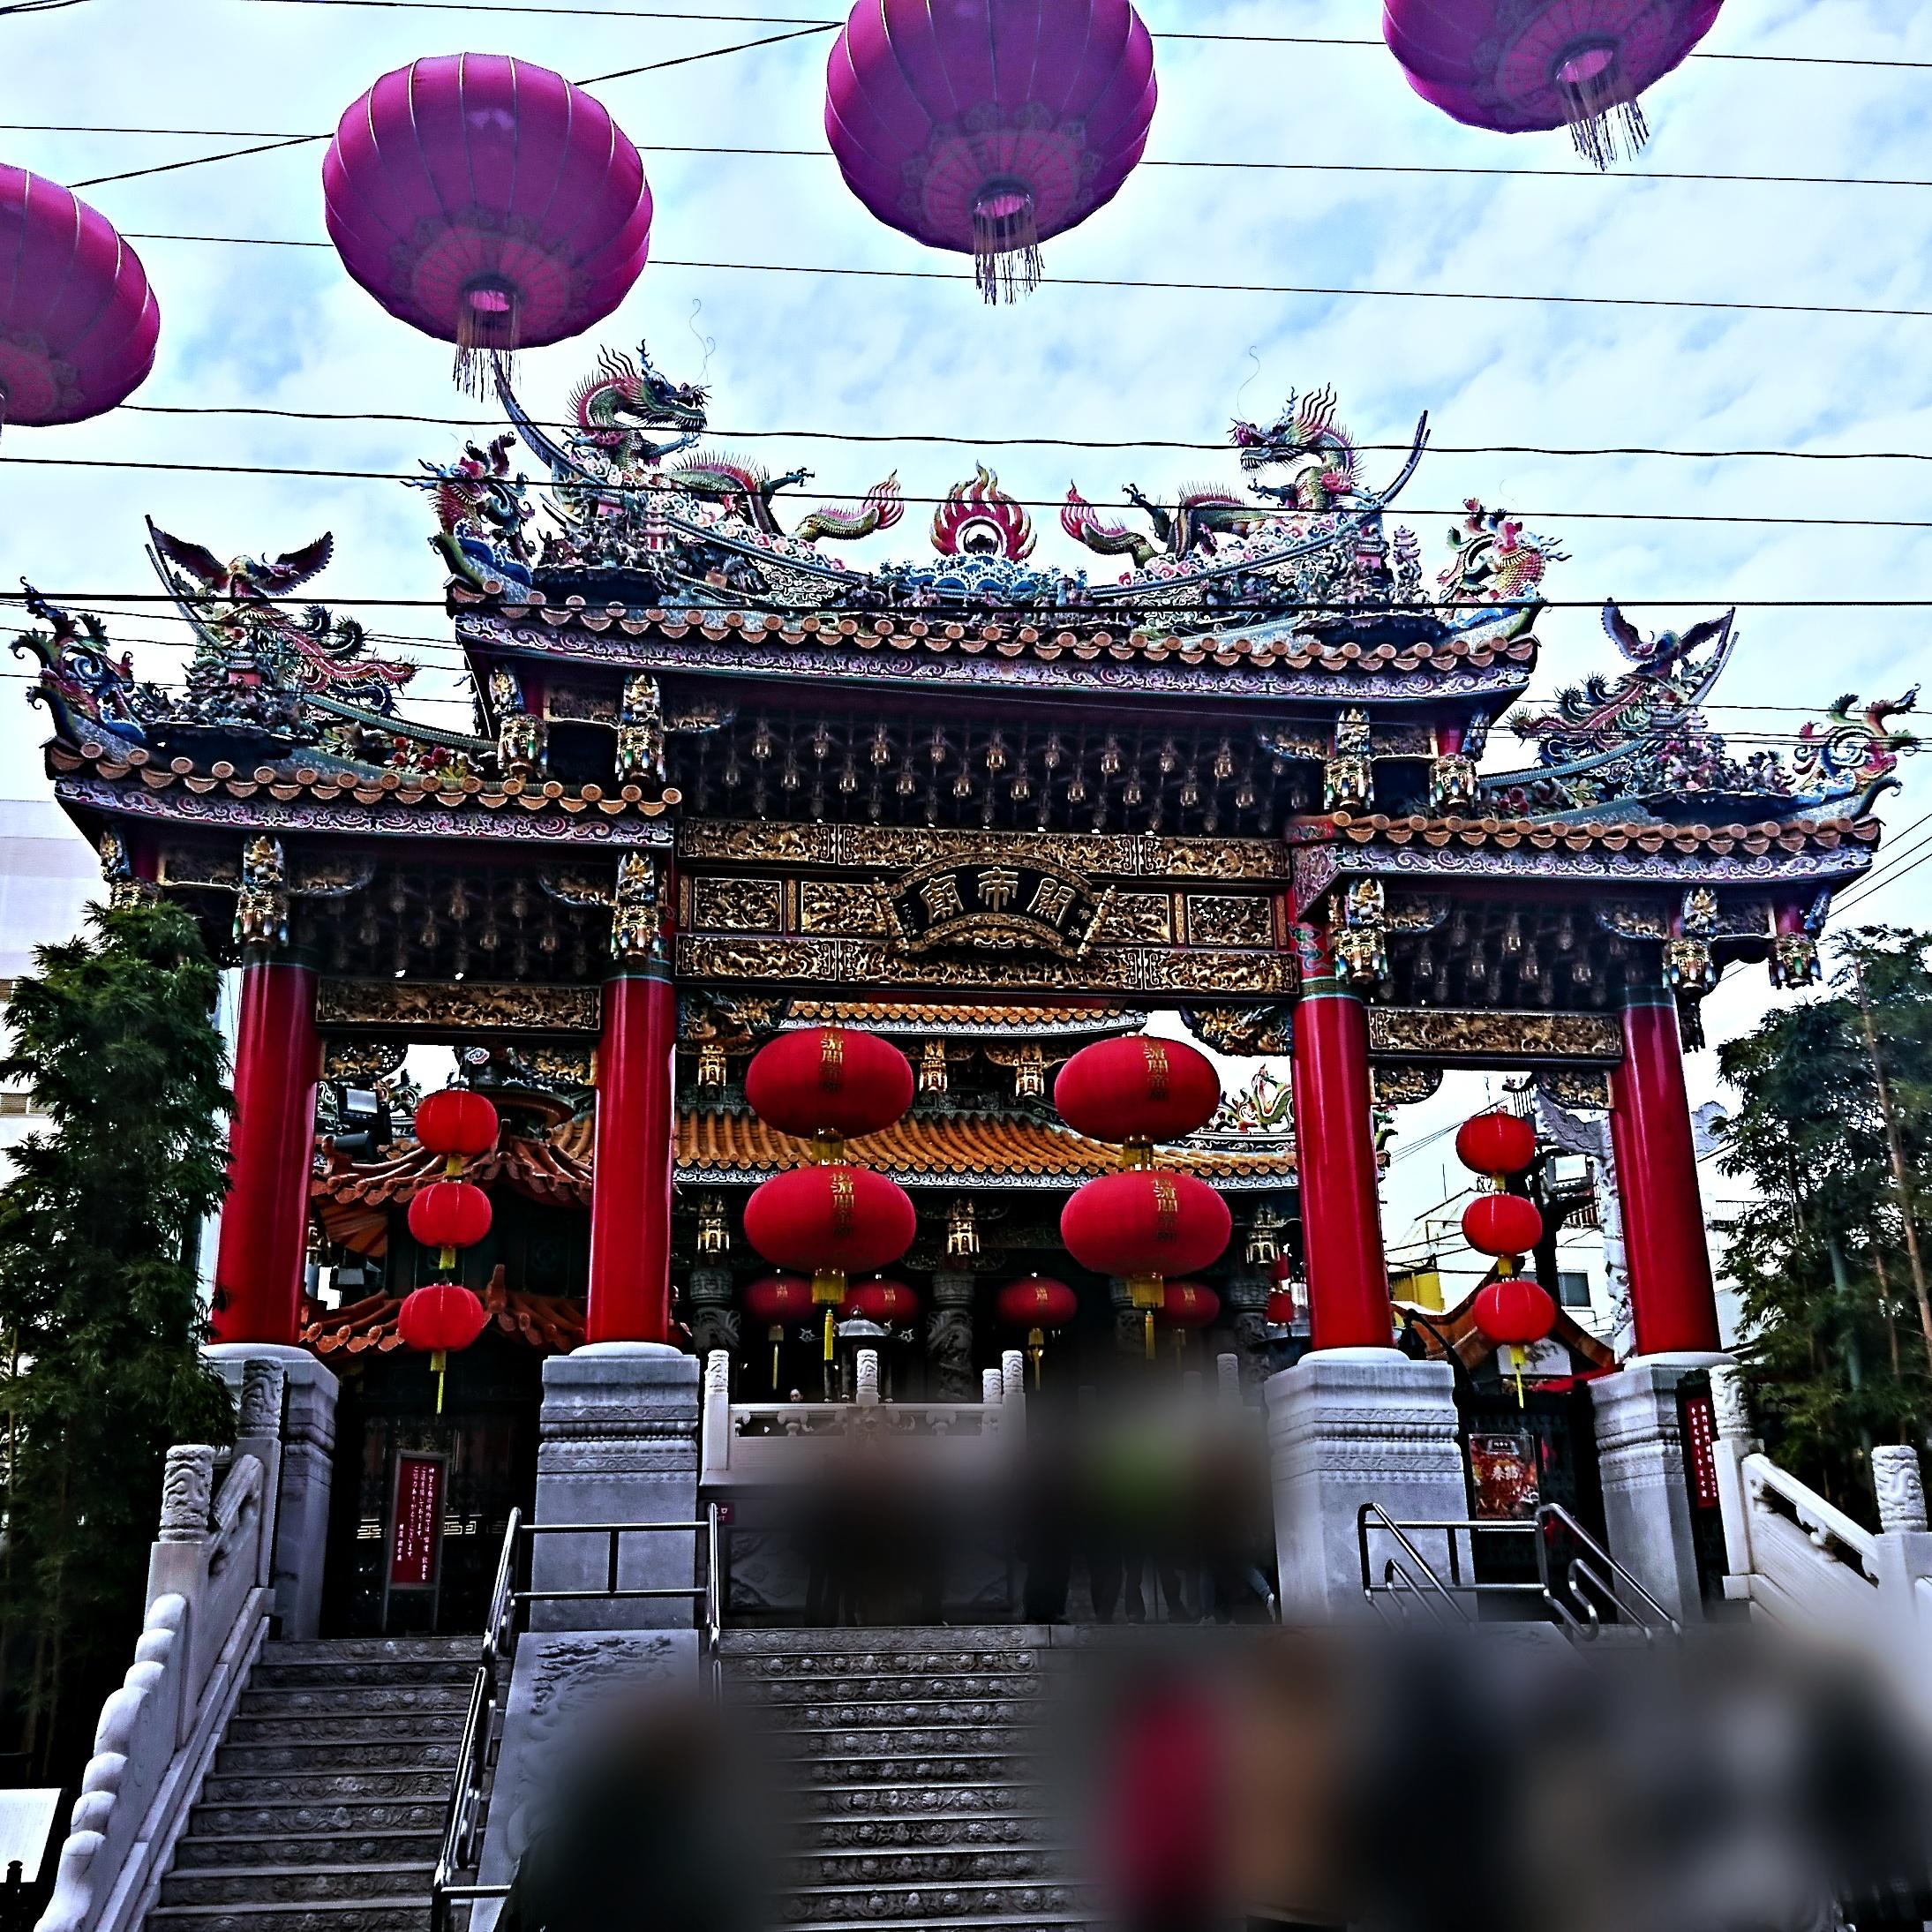 横浜中華街のパワースポット関帝廟